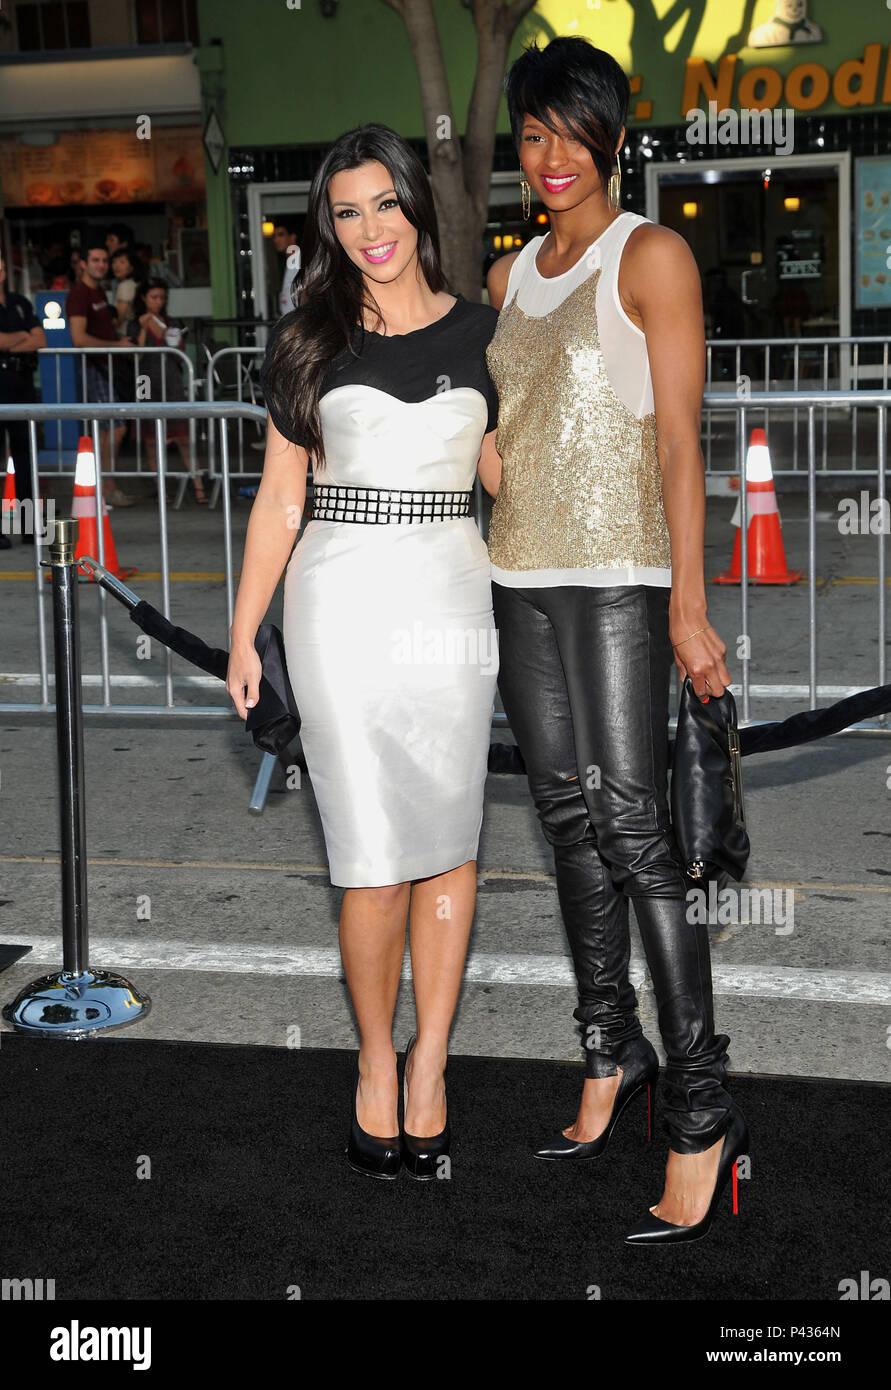 Ciara And Kim Kardashian Orphan Premiere At The Westwood